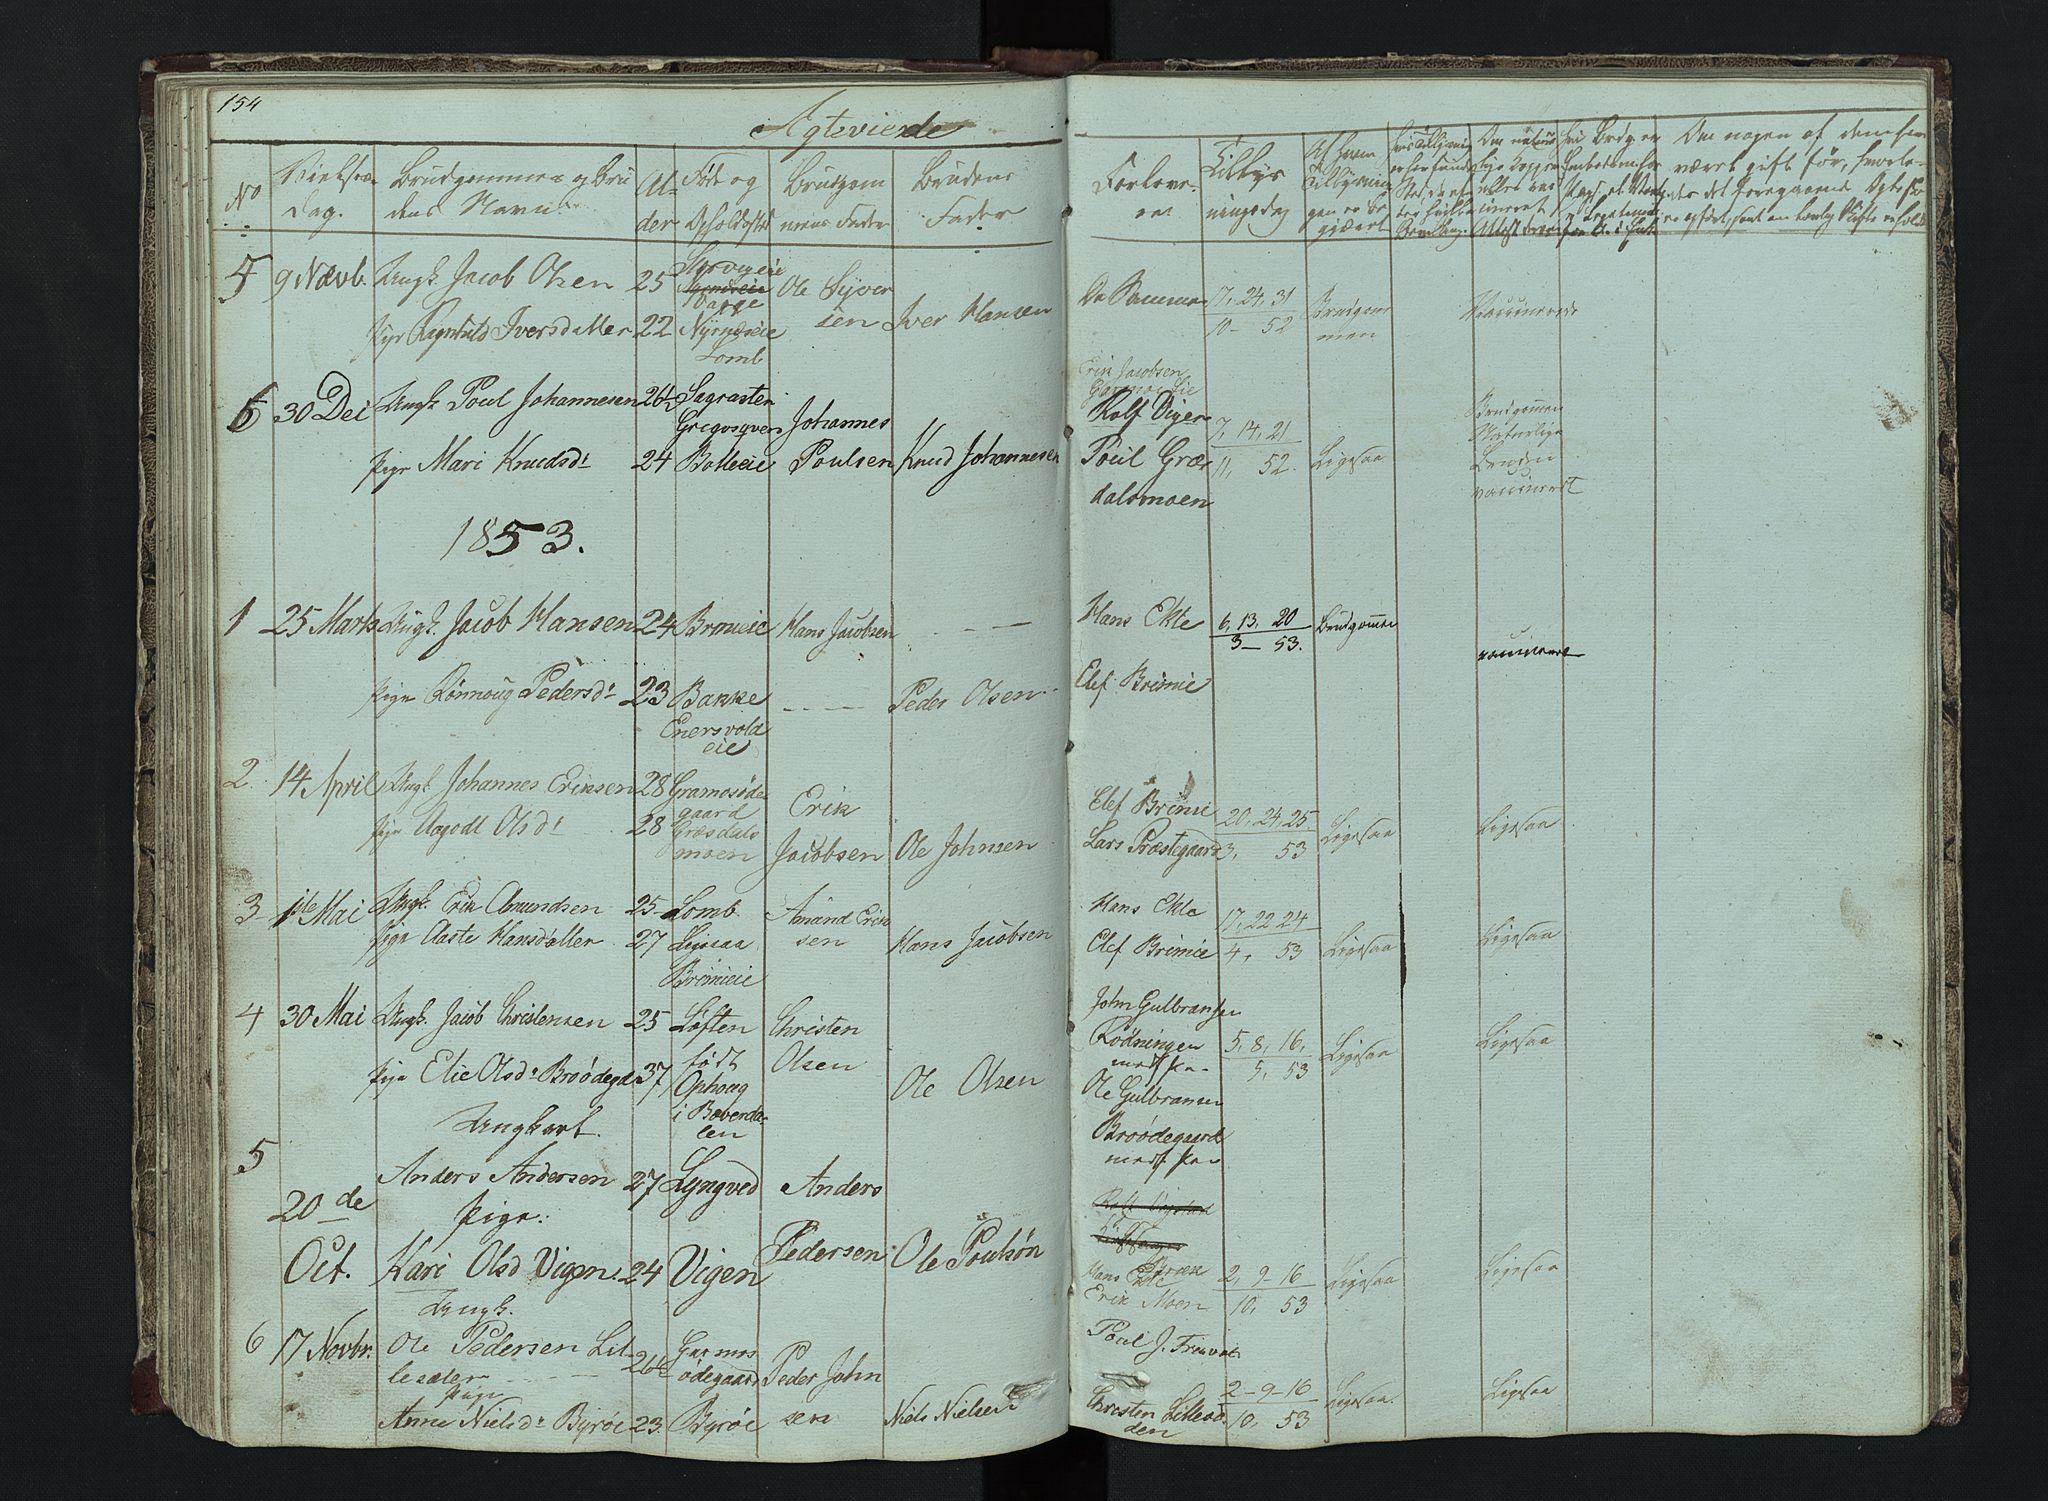 SAH, Lom prestekontor, L/L0014: Klokkerbok nr. 14, 1845-1876, s. 154-155